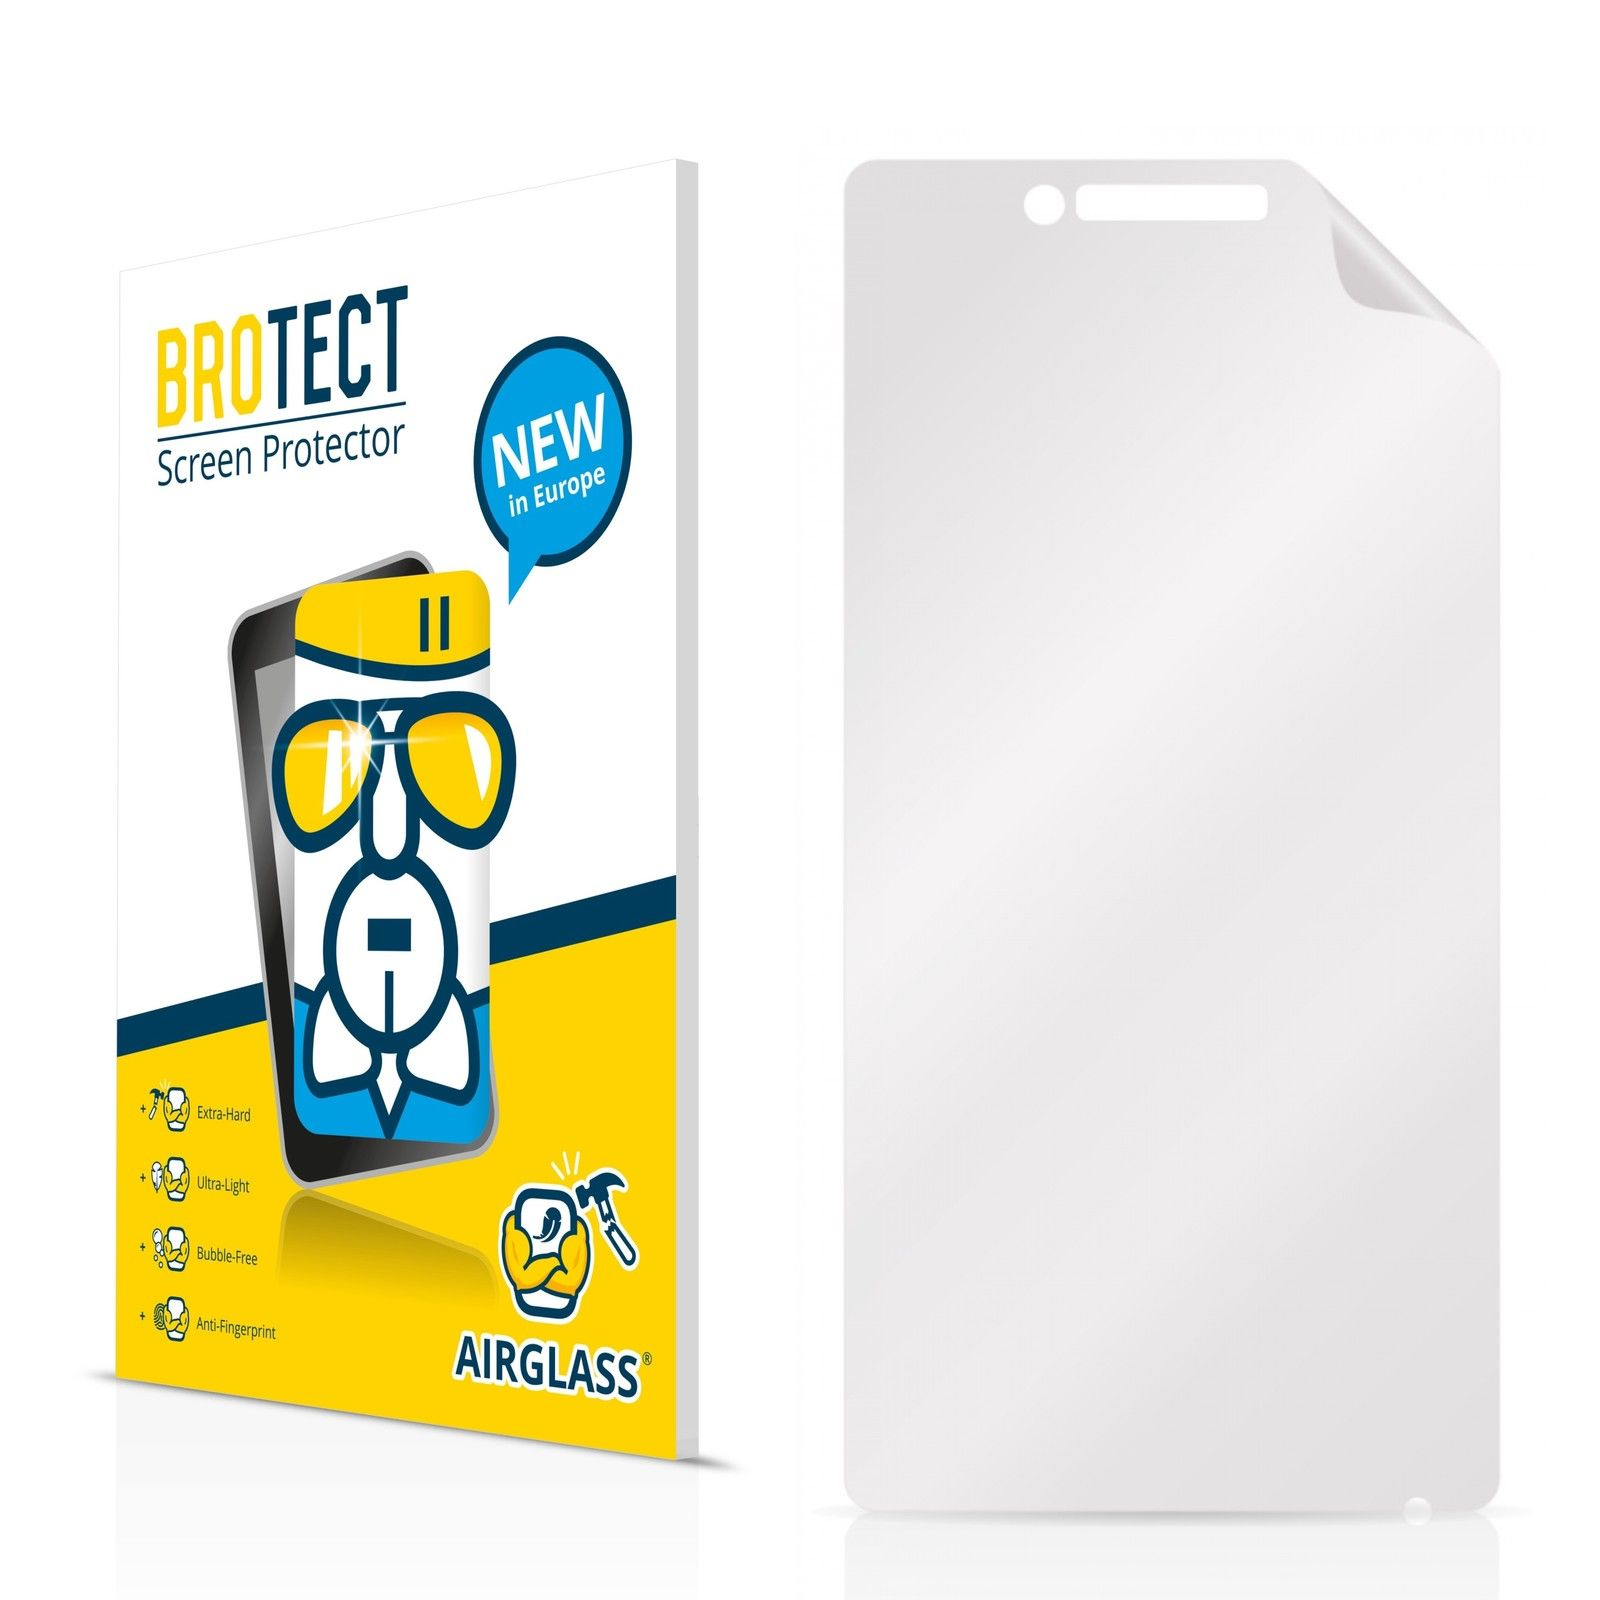 Extra tvrzená ochranná fólie (tvrzené sklo) AirGlass Brotec na LCD pro Prestigio MultiPhone 5451 DUO